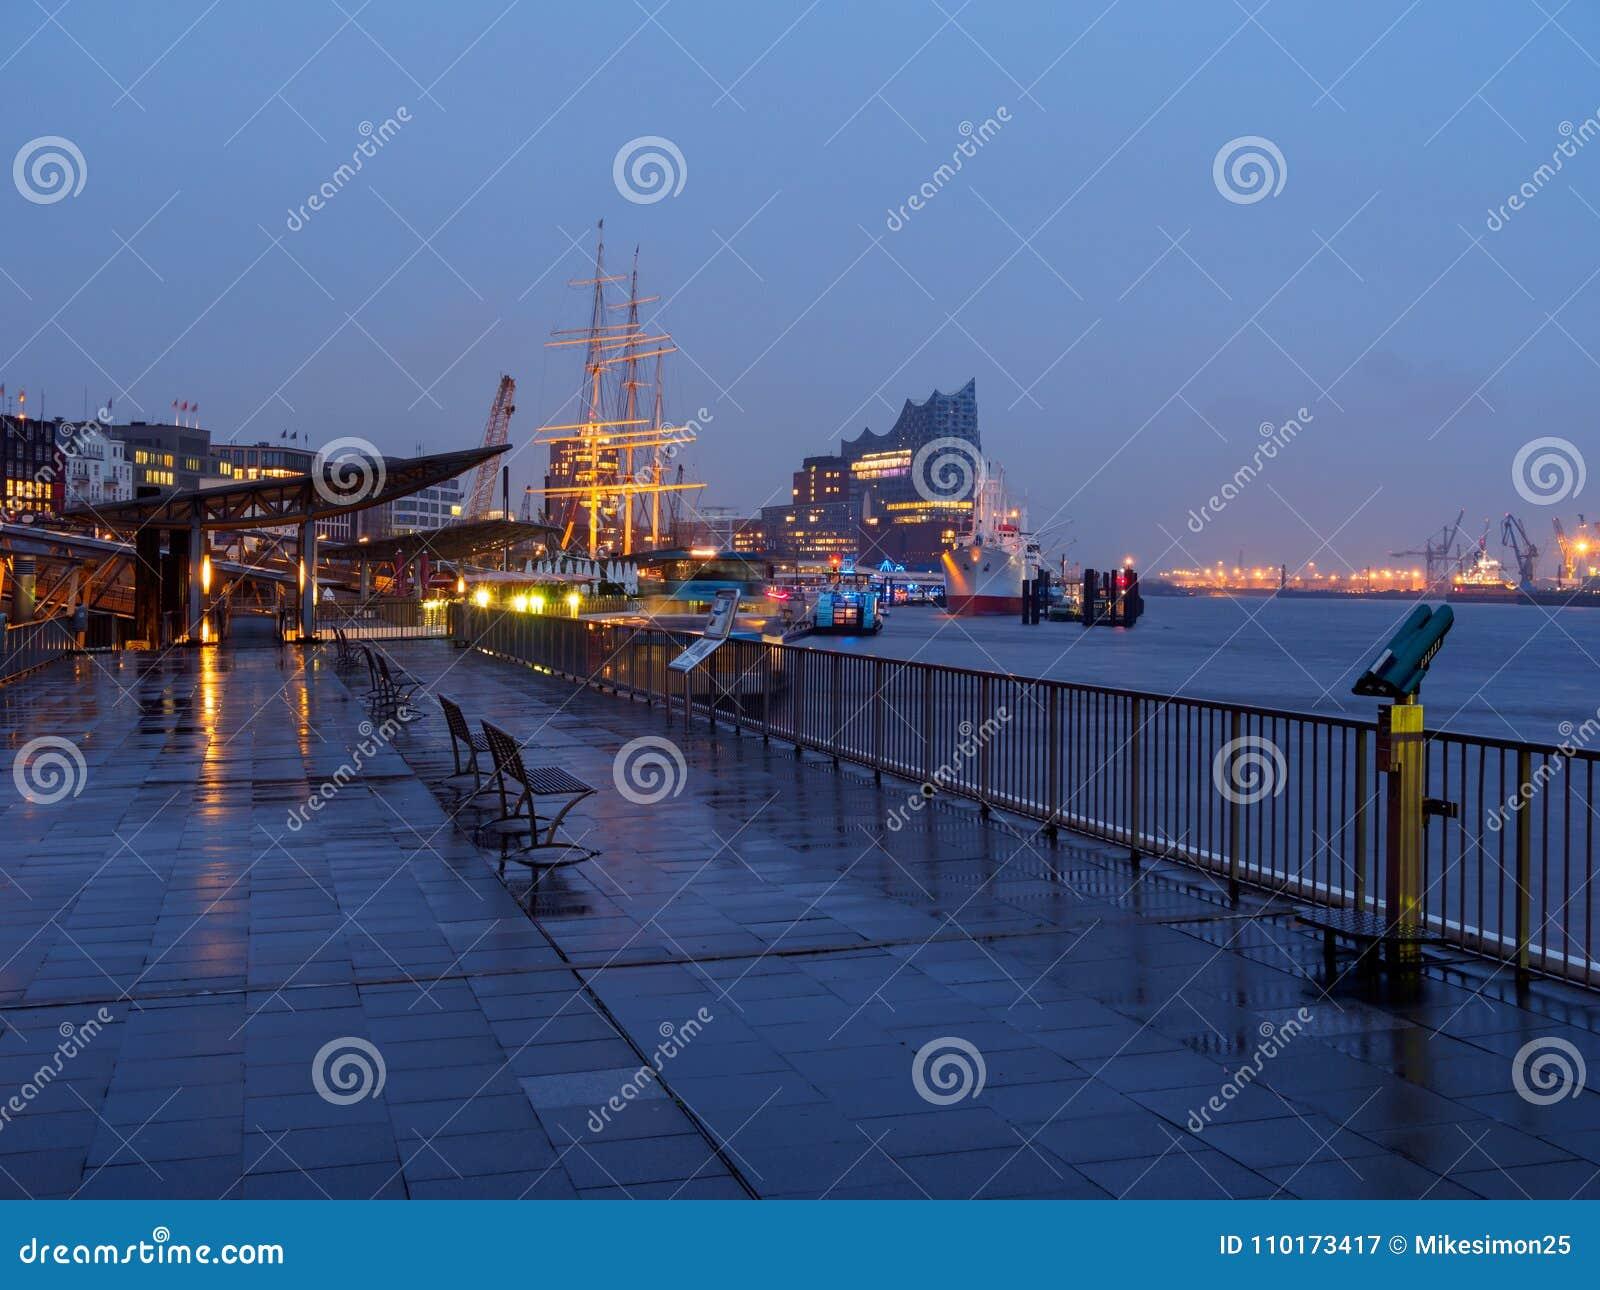 Hamburgo, Alemanha - 4 de abril de 2016: Porto abandonado de Hamburgo em um dia chuvoso na noite com Elbphilharmonie iluminado